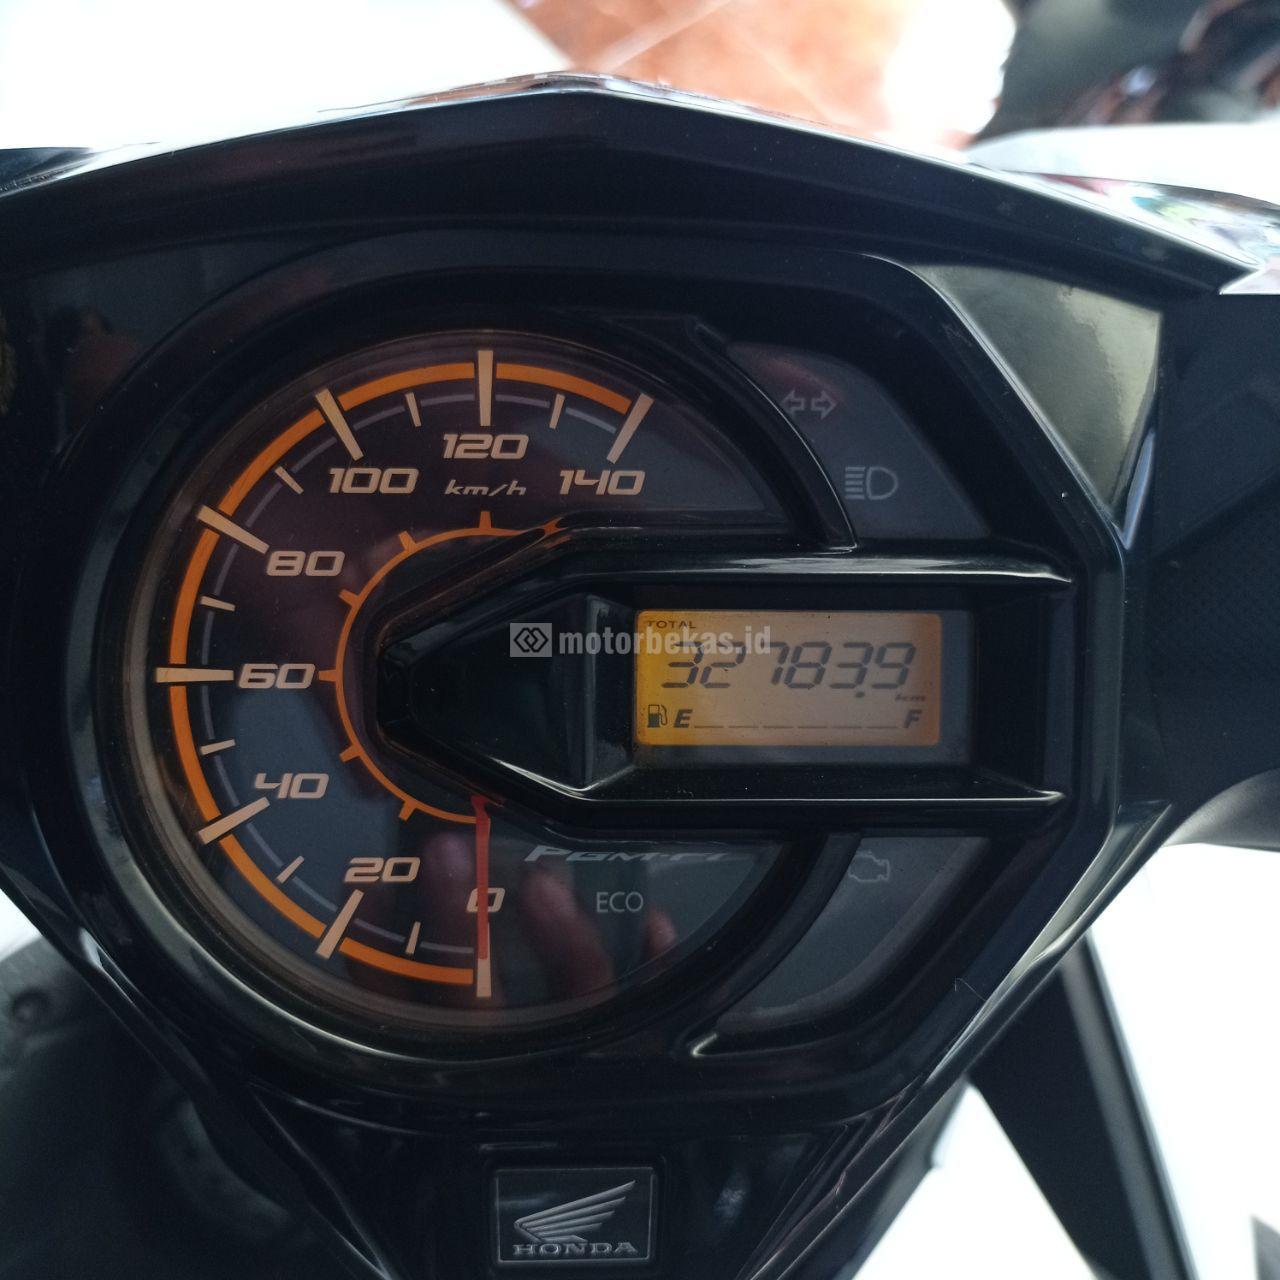 HONDA BEAT  460 motorbekas.id